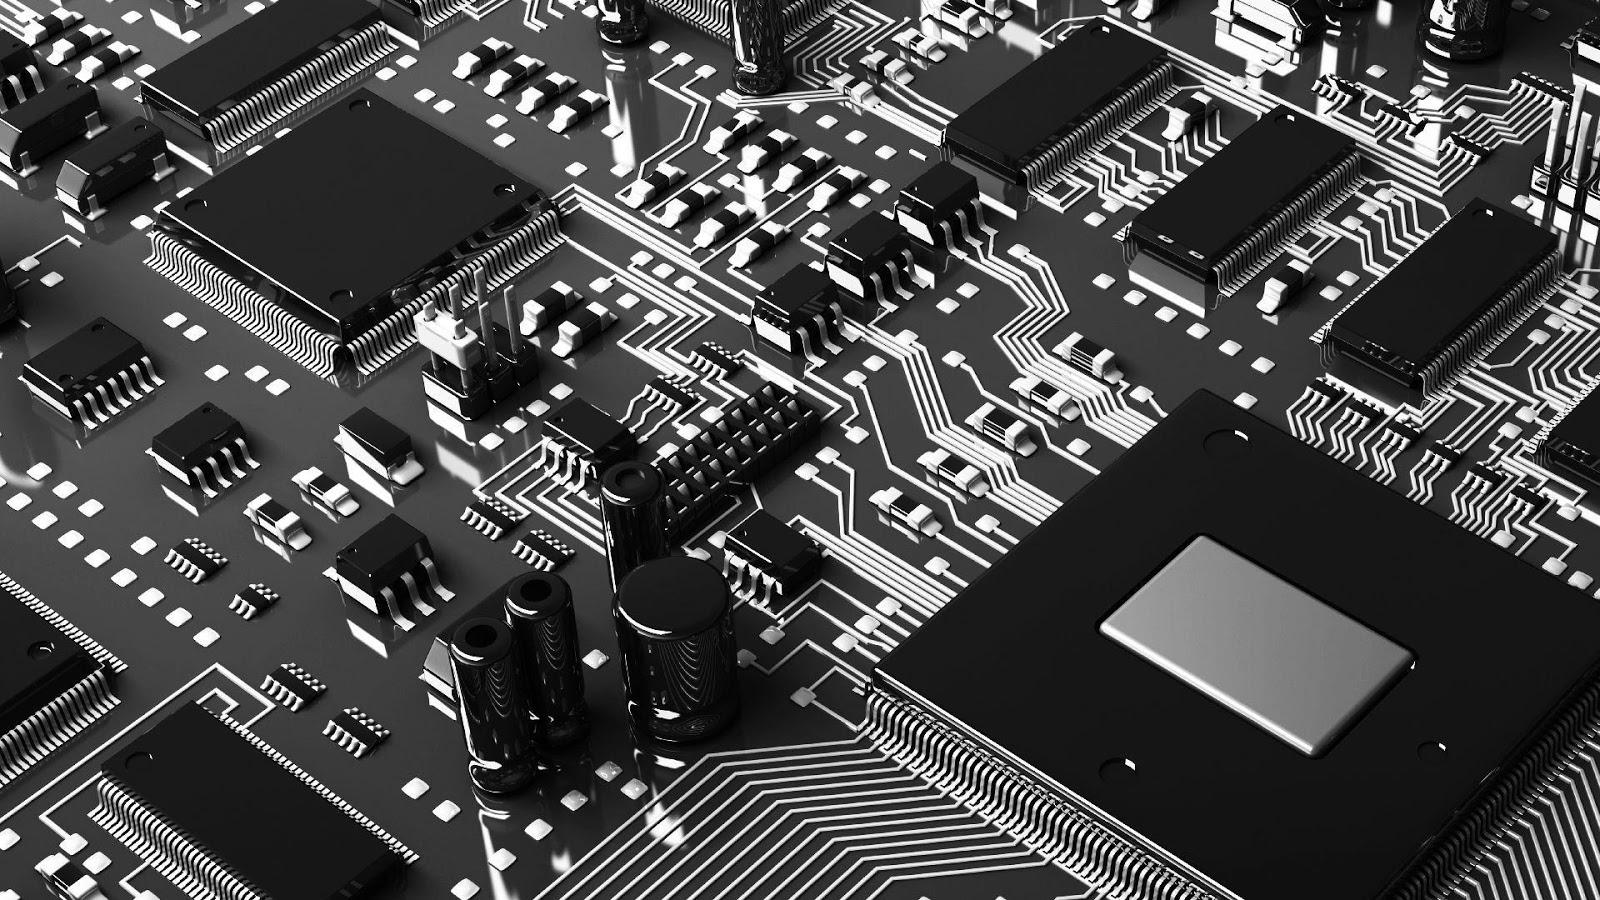 Hd wallpaper electronics - Technology Wallpaper Screenshot